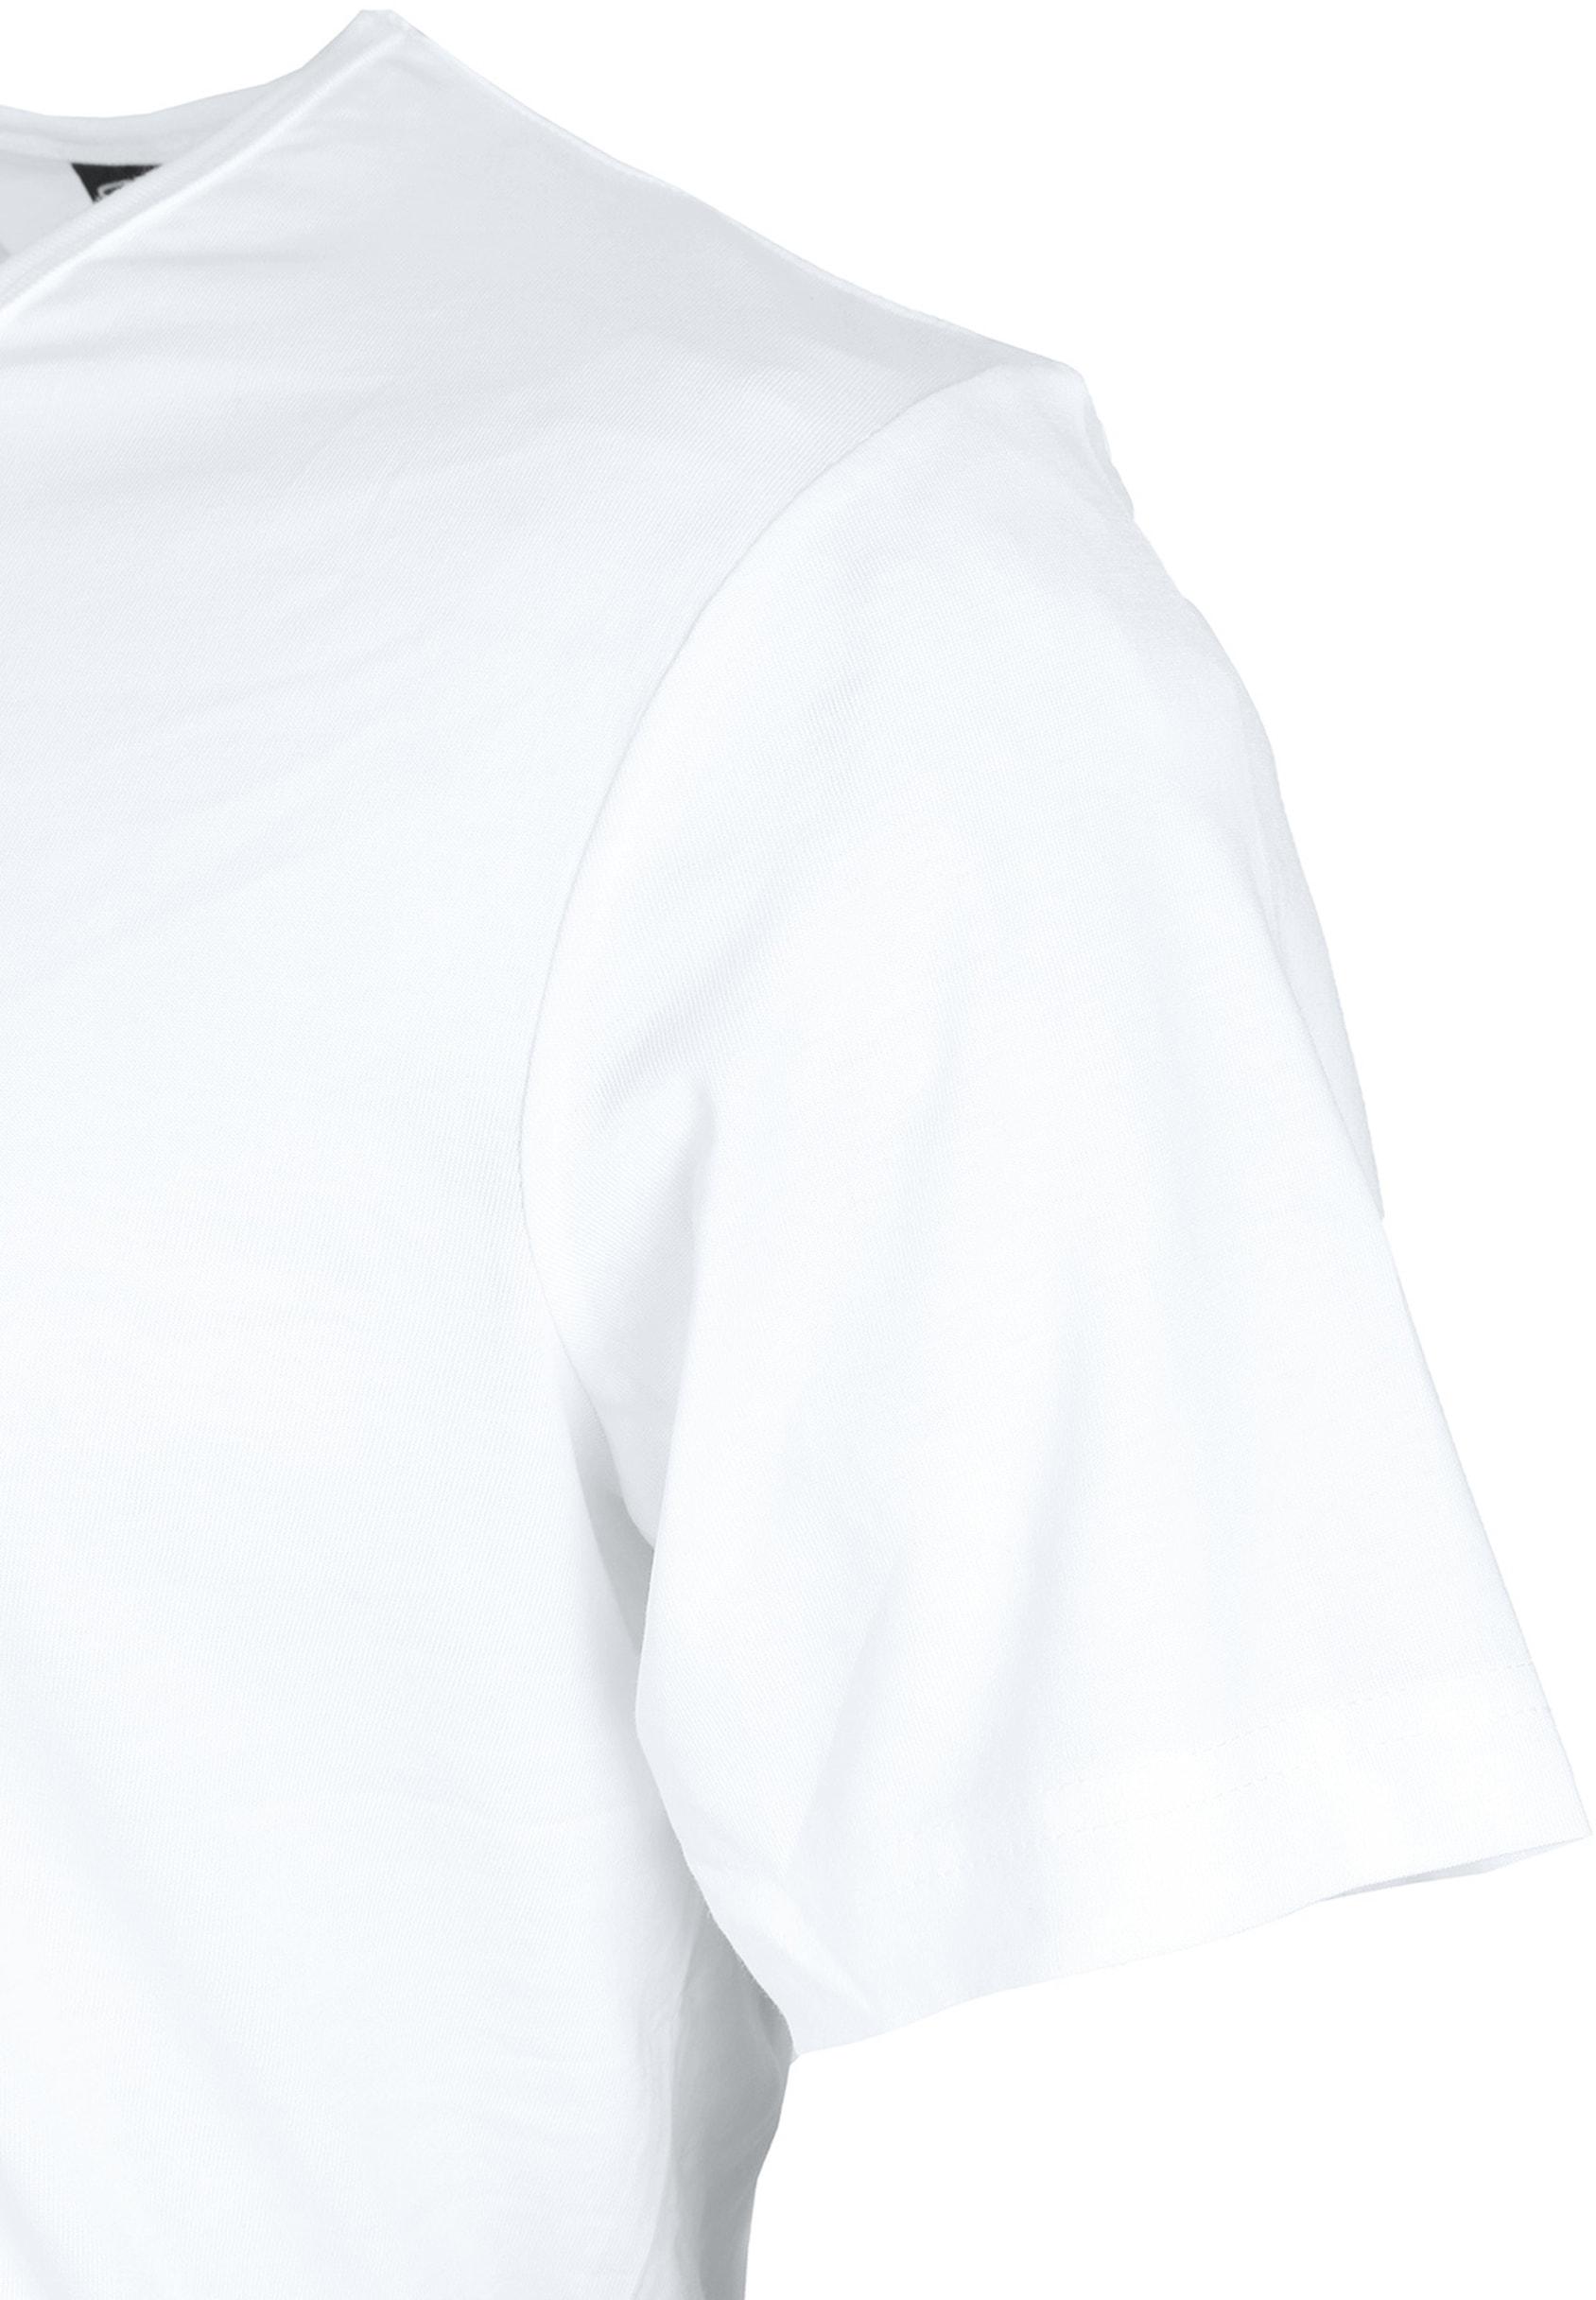 T-Shirt V-Ausschnitt 6er Pack Weiß